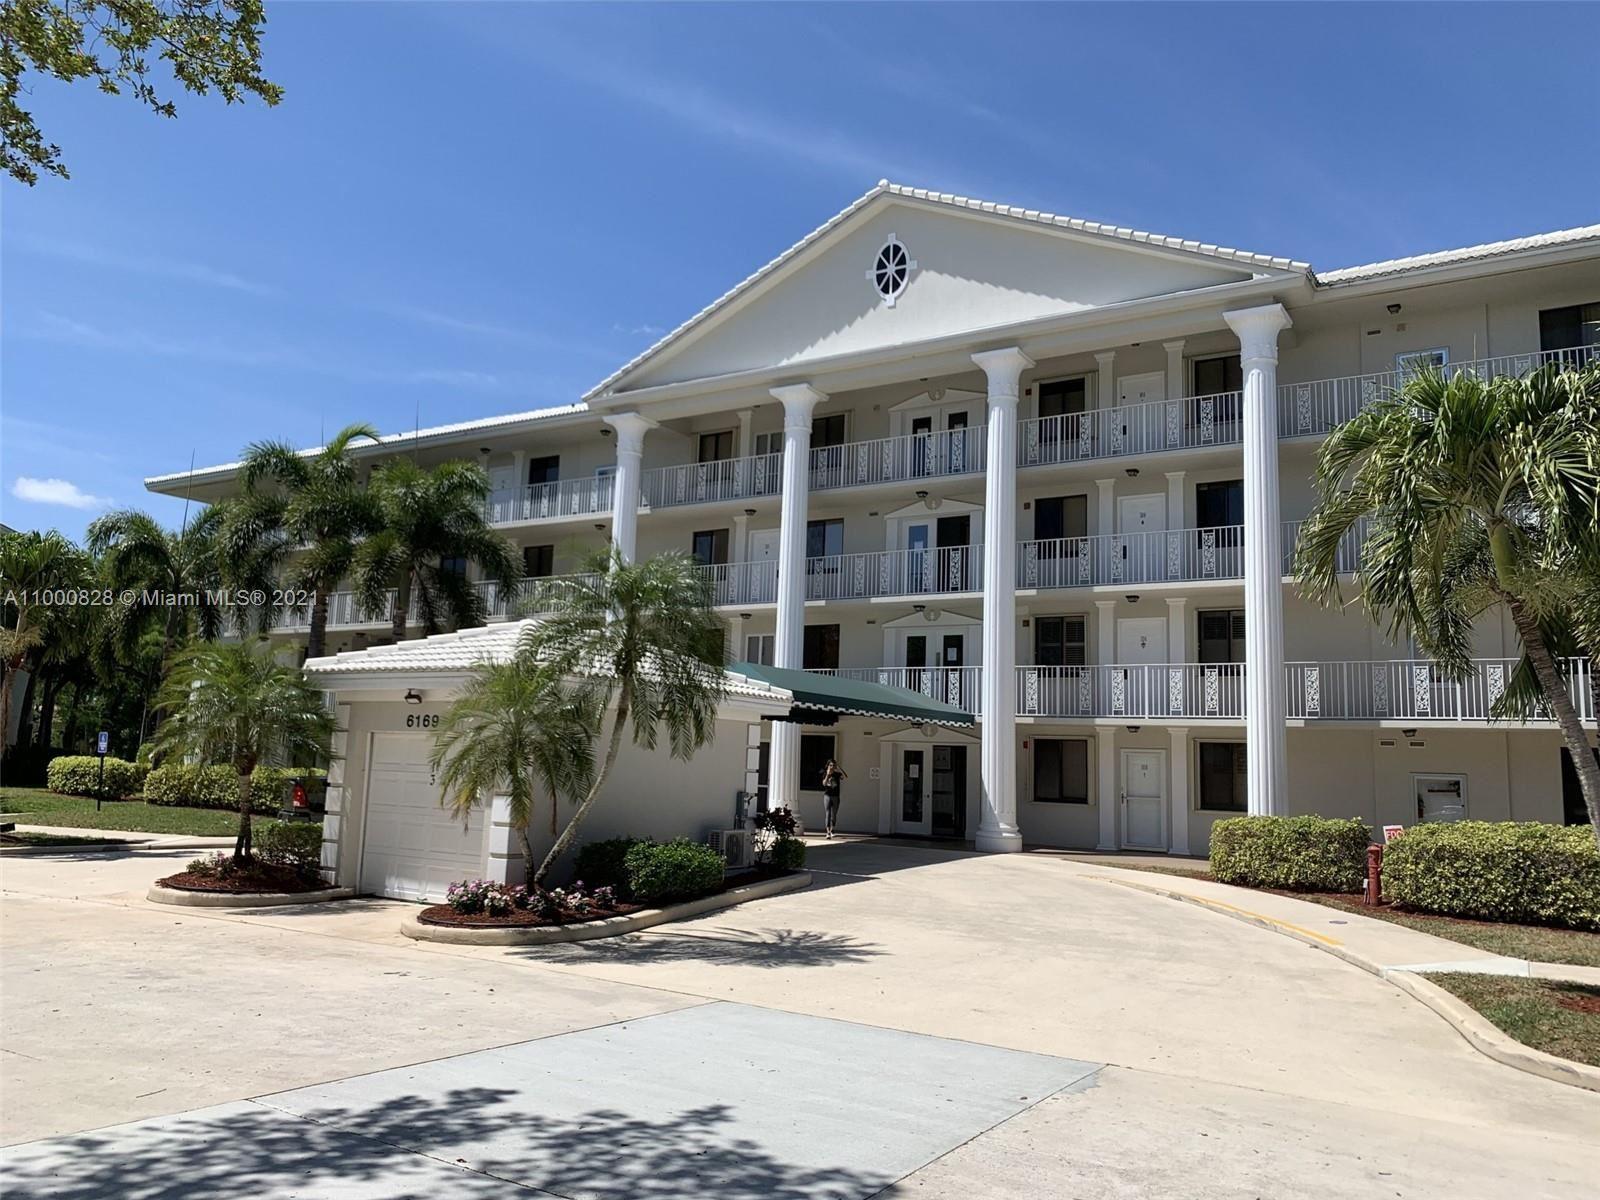 6169 Balboa Cir #304, Boca Raton, FL 33433 - #: A11000828